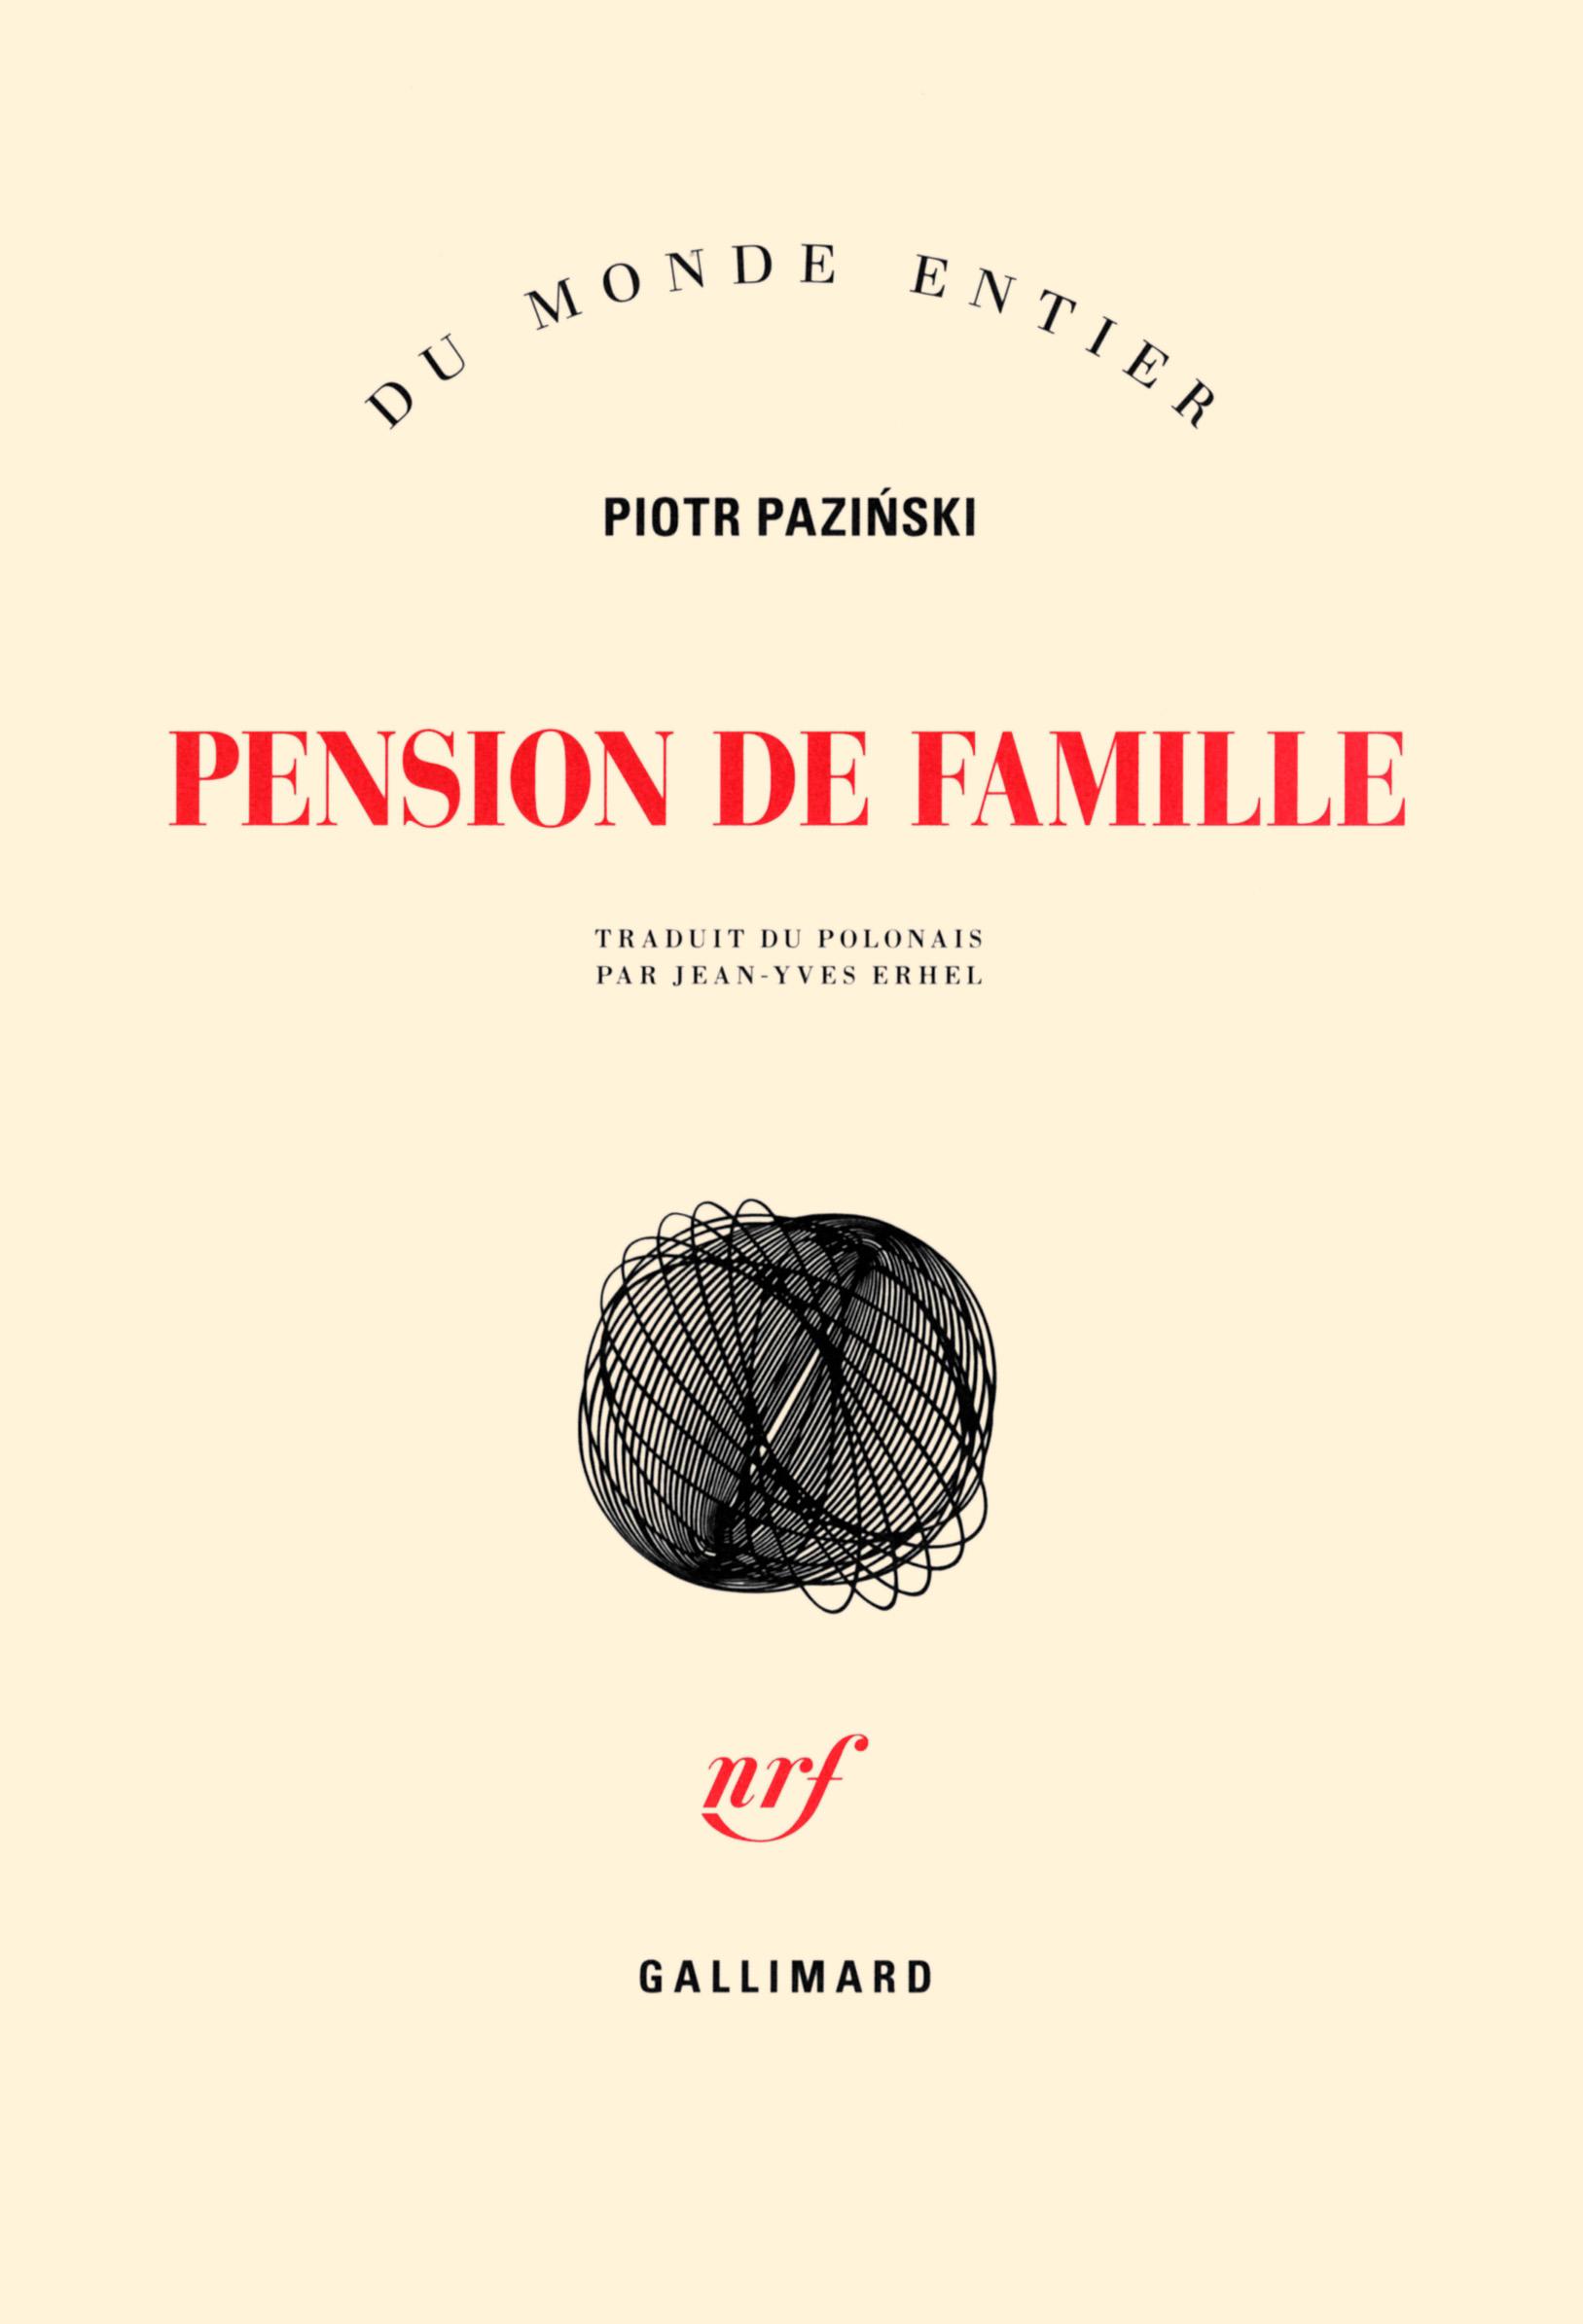 """Résultat de recherche d'images pour """"Piotr Paziński  (Pension de famille, Gallimard,2016)"""""""